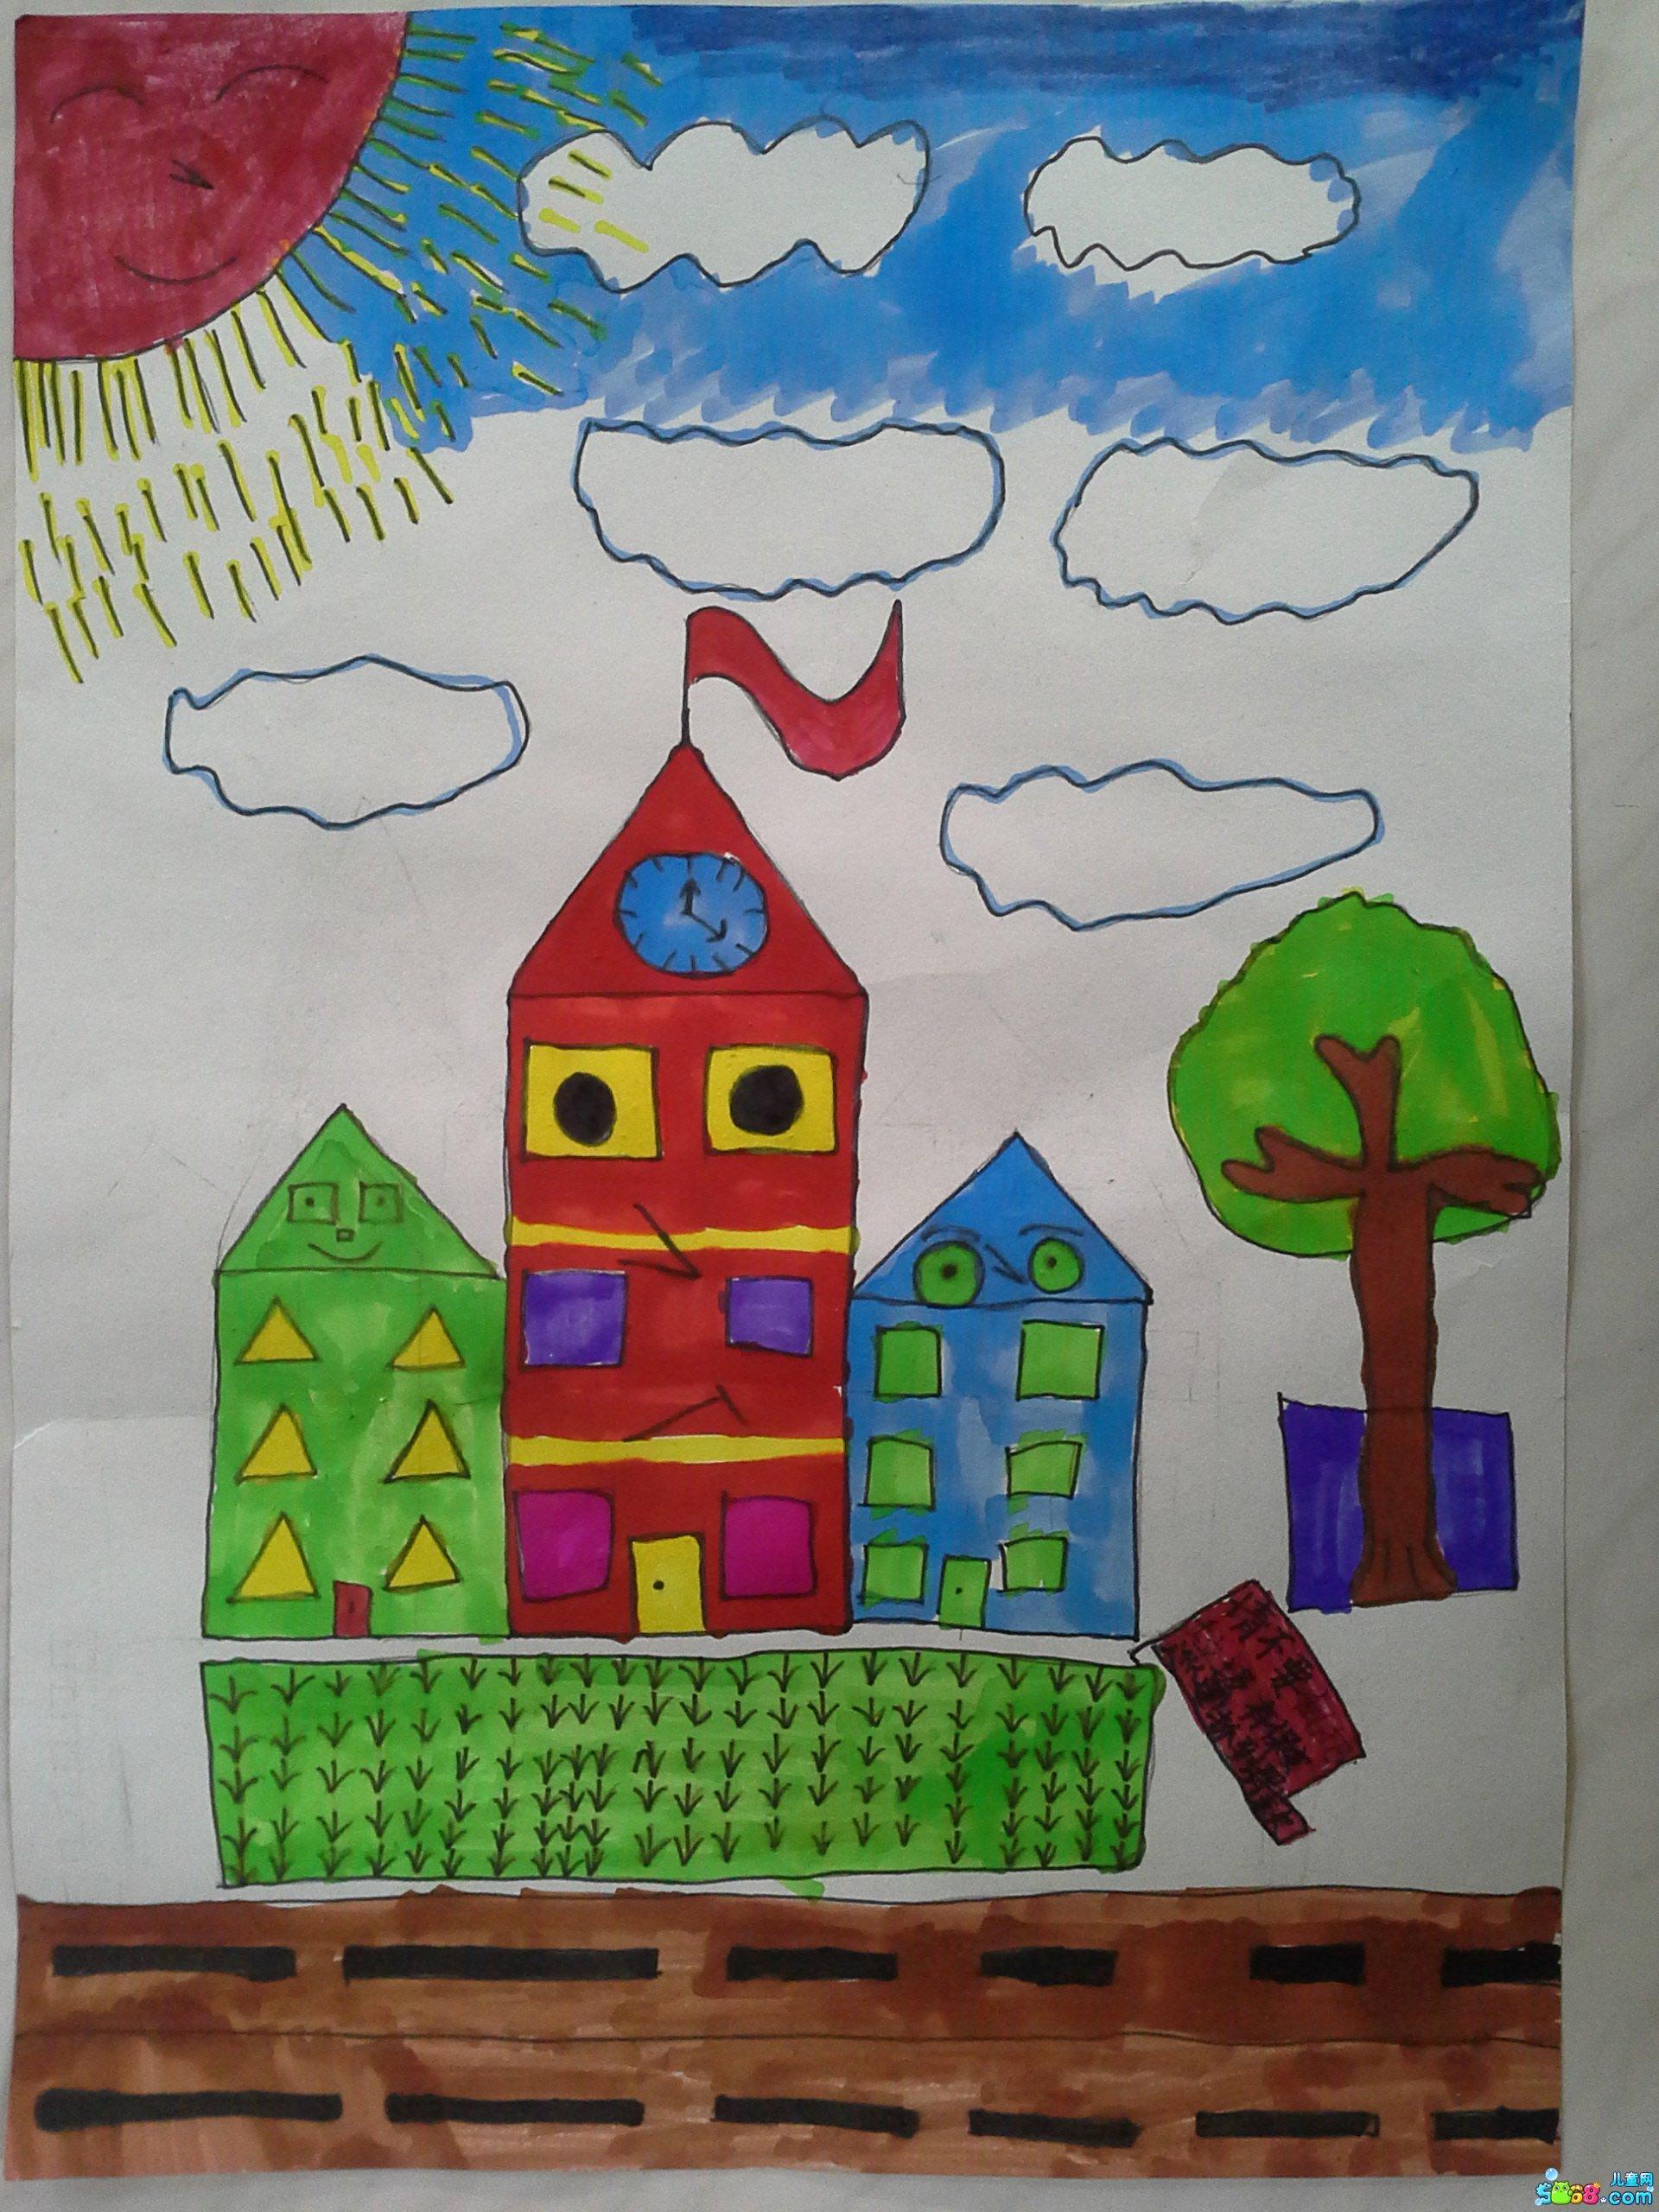 幼儿简易图画大全_简单儿童画画水彩画作品图片欣赏大全《安静的教堂》 肉丁儿童网